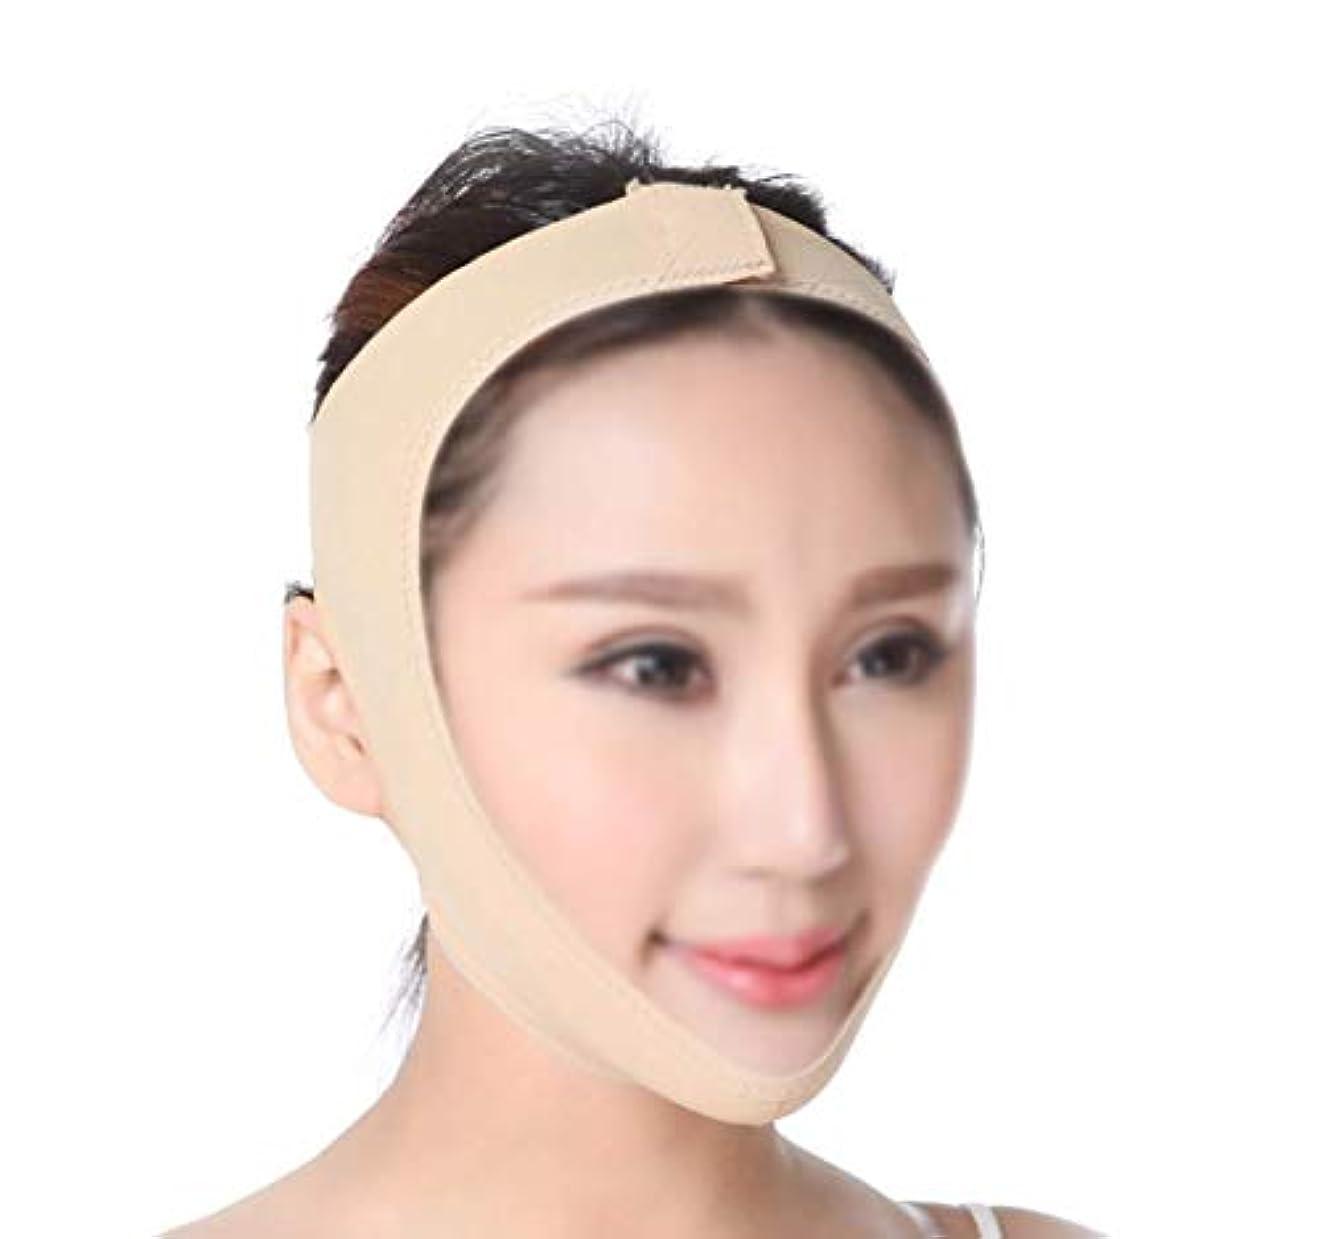 抑制覚えている開梱フェイスリフティング包帯、フェイシャル減量アンチシワケアフェイスリフトで肌を引き締め、二重あごを効果的に改善し、V字型の顔になります(サイズ:S),L